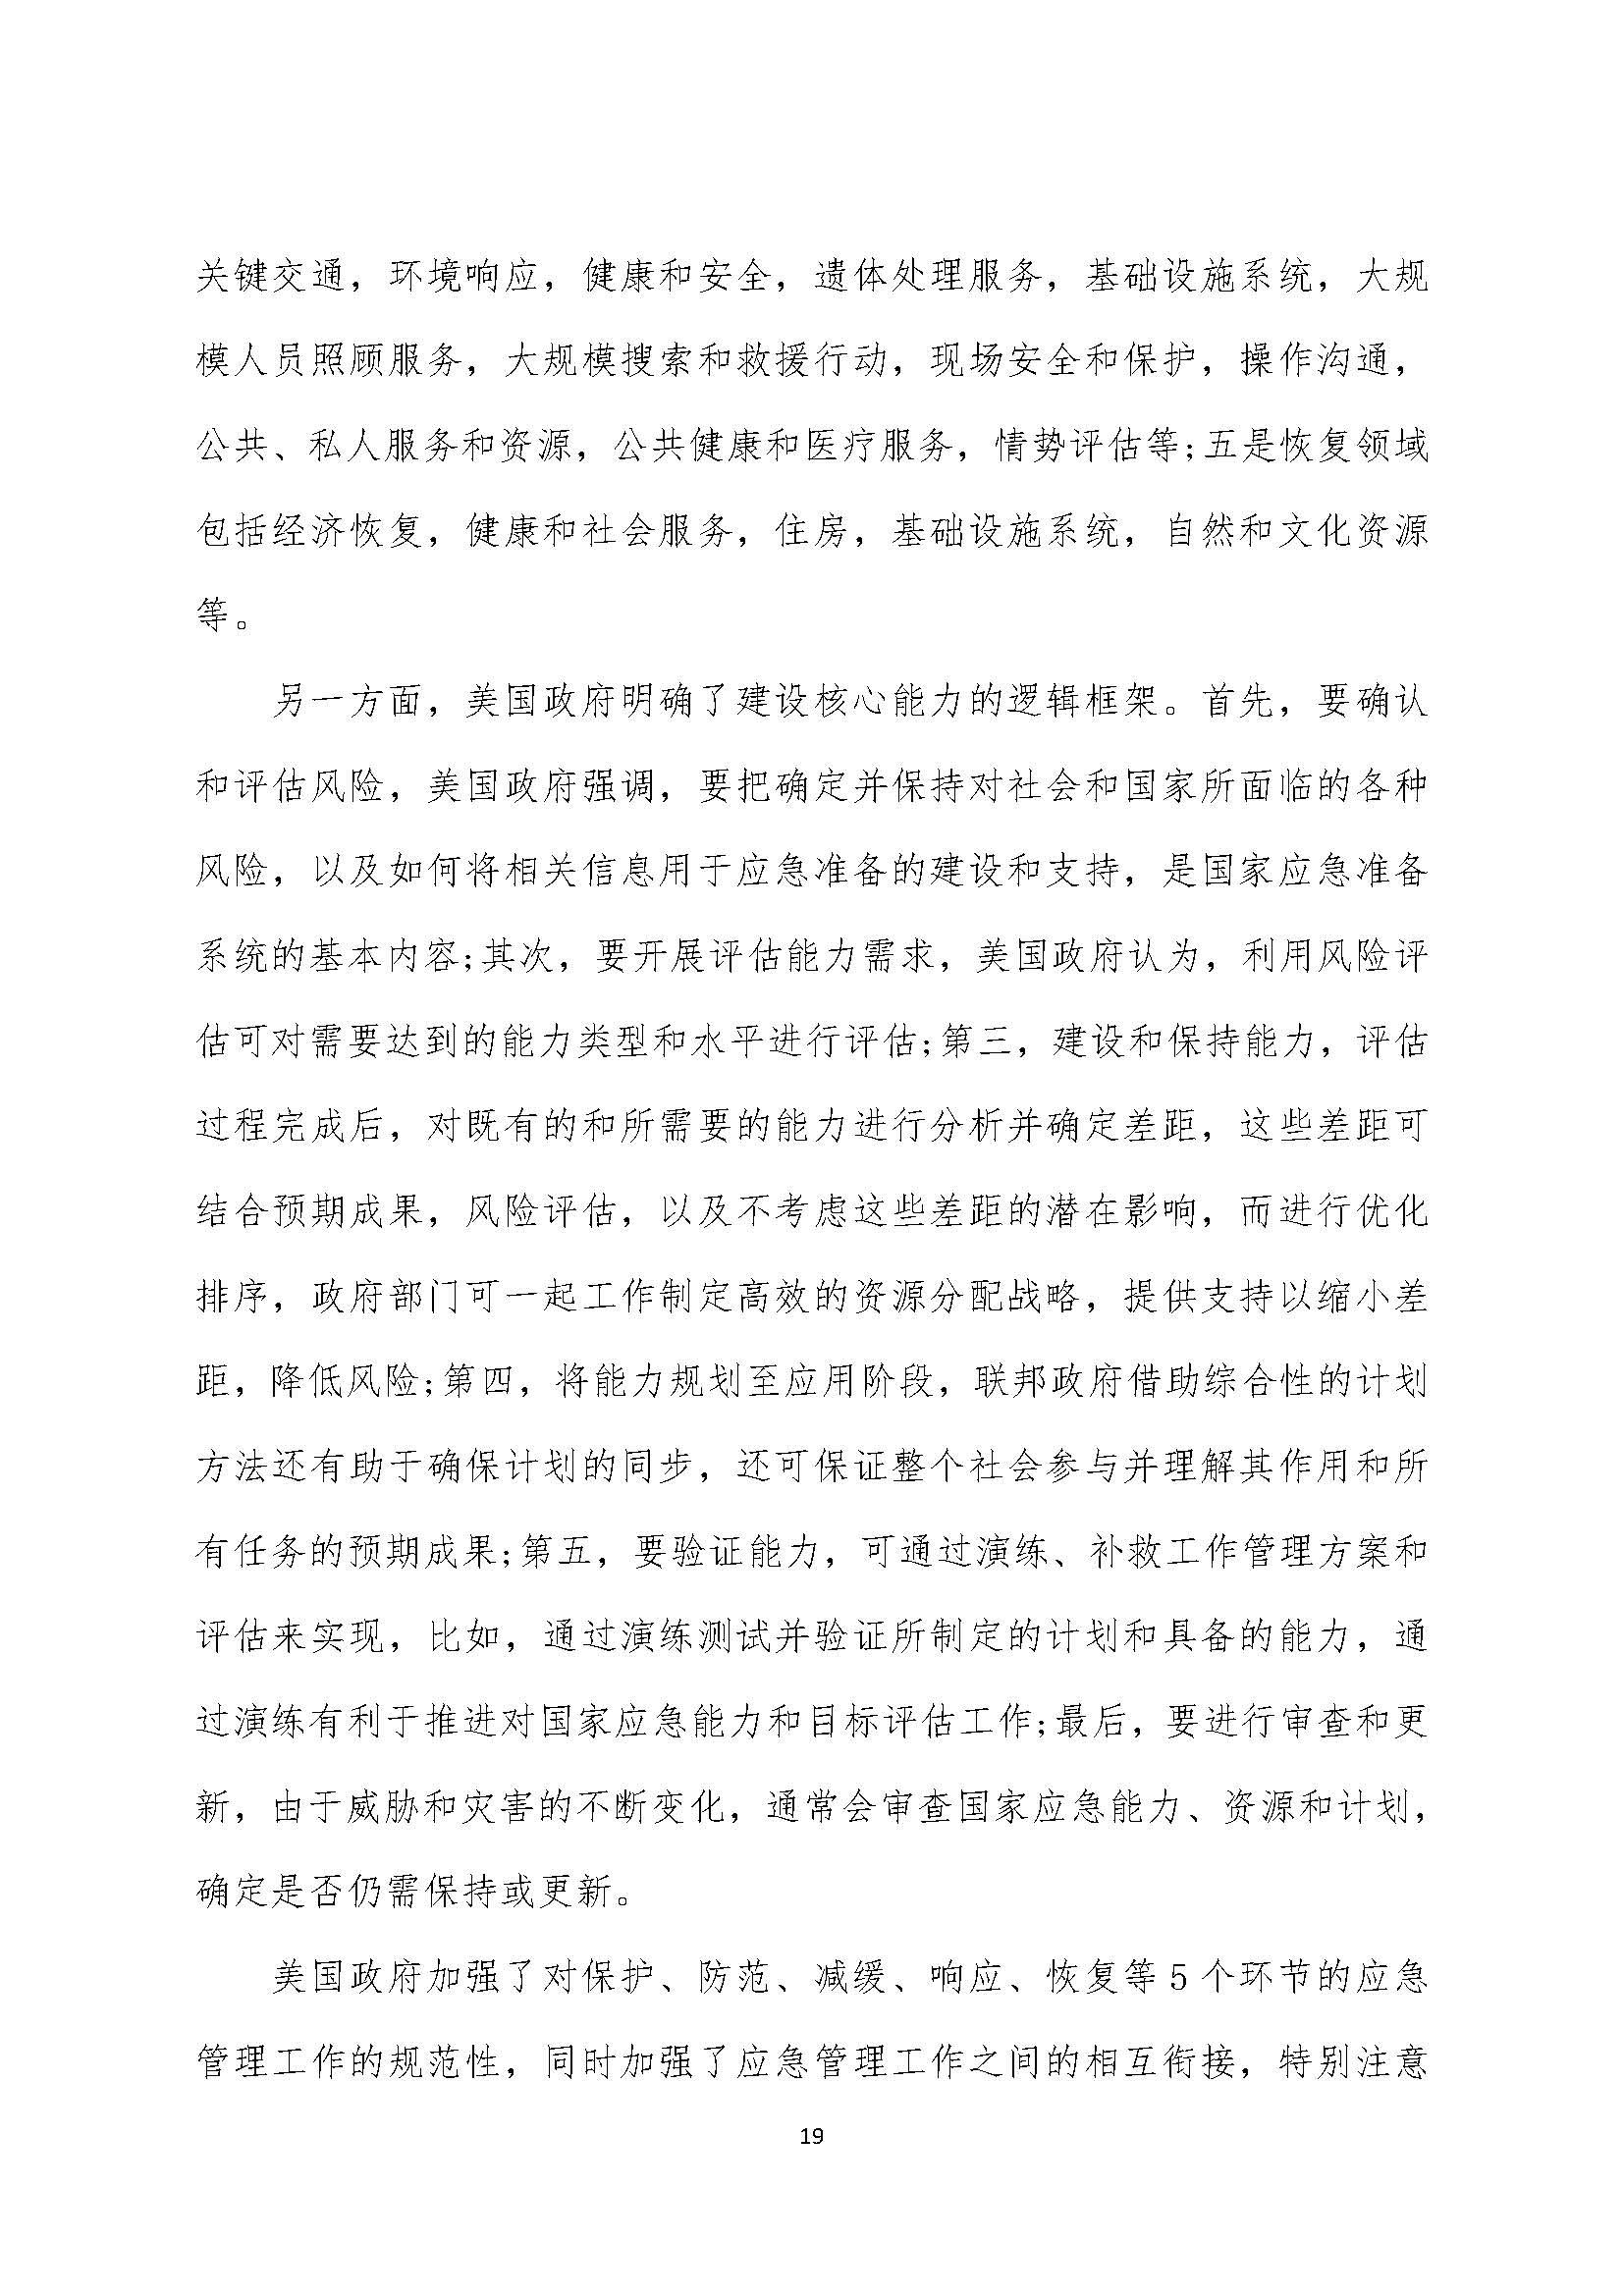 新闻-集成建筑系统构建在国家应急管理体系建设中的应用研究-02172_页面_19